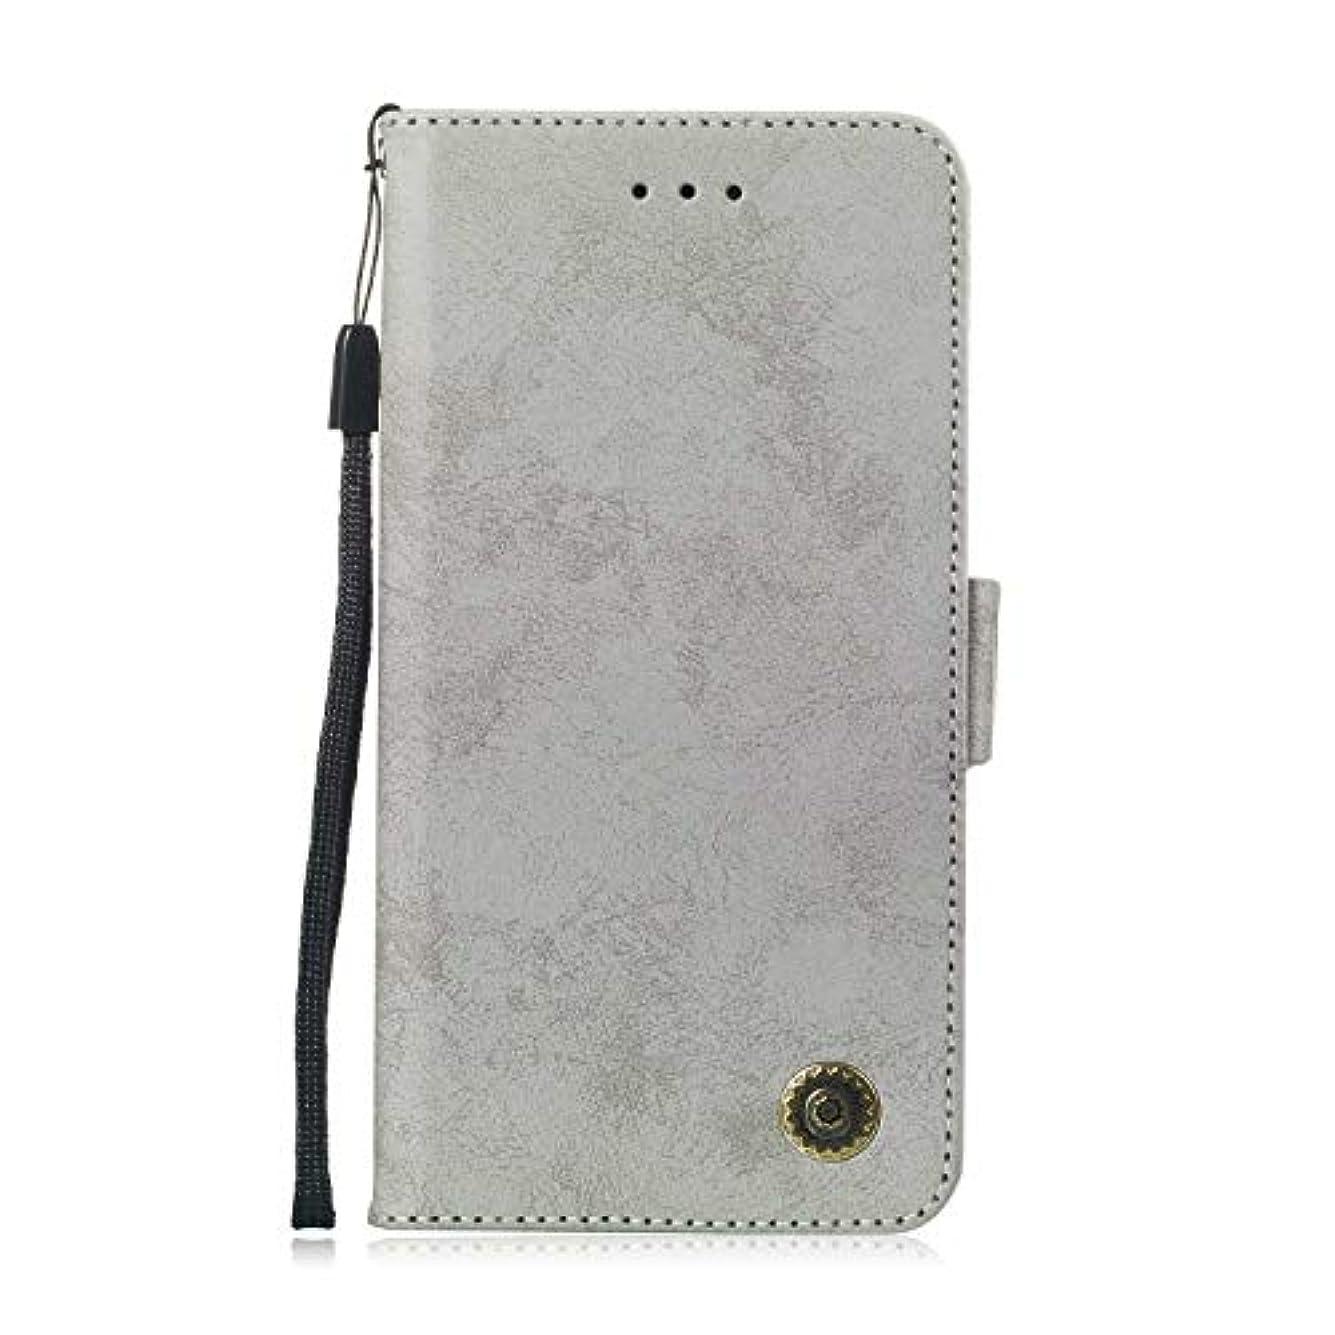 ゴールデン白鳥役立つZeebox® Huawei Mate 20 Lite 手帳型ケース Huawei Mate 20 Lite 手帳型カバー 財布型 合皮PUレザー マグネット式 保護ケース カード収納 スタンド 機能 (グレー #5)